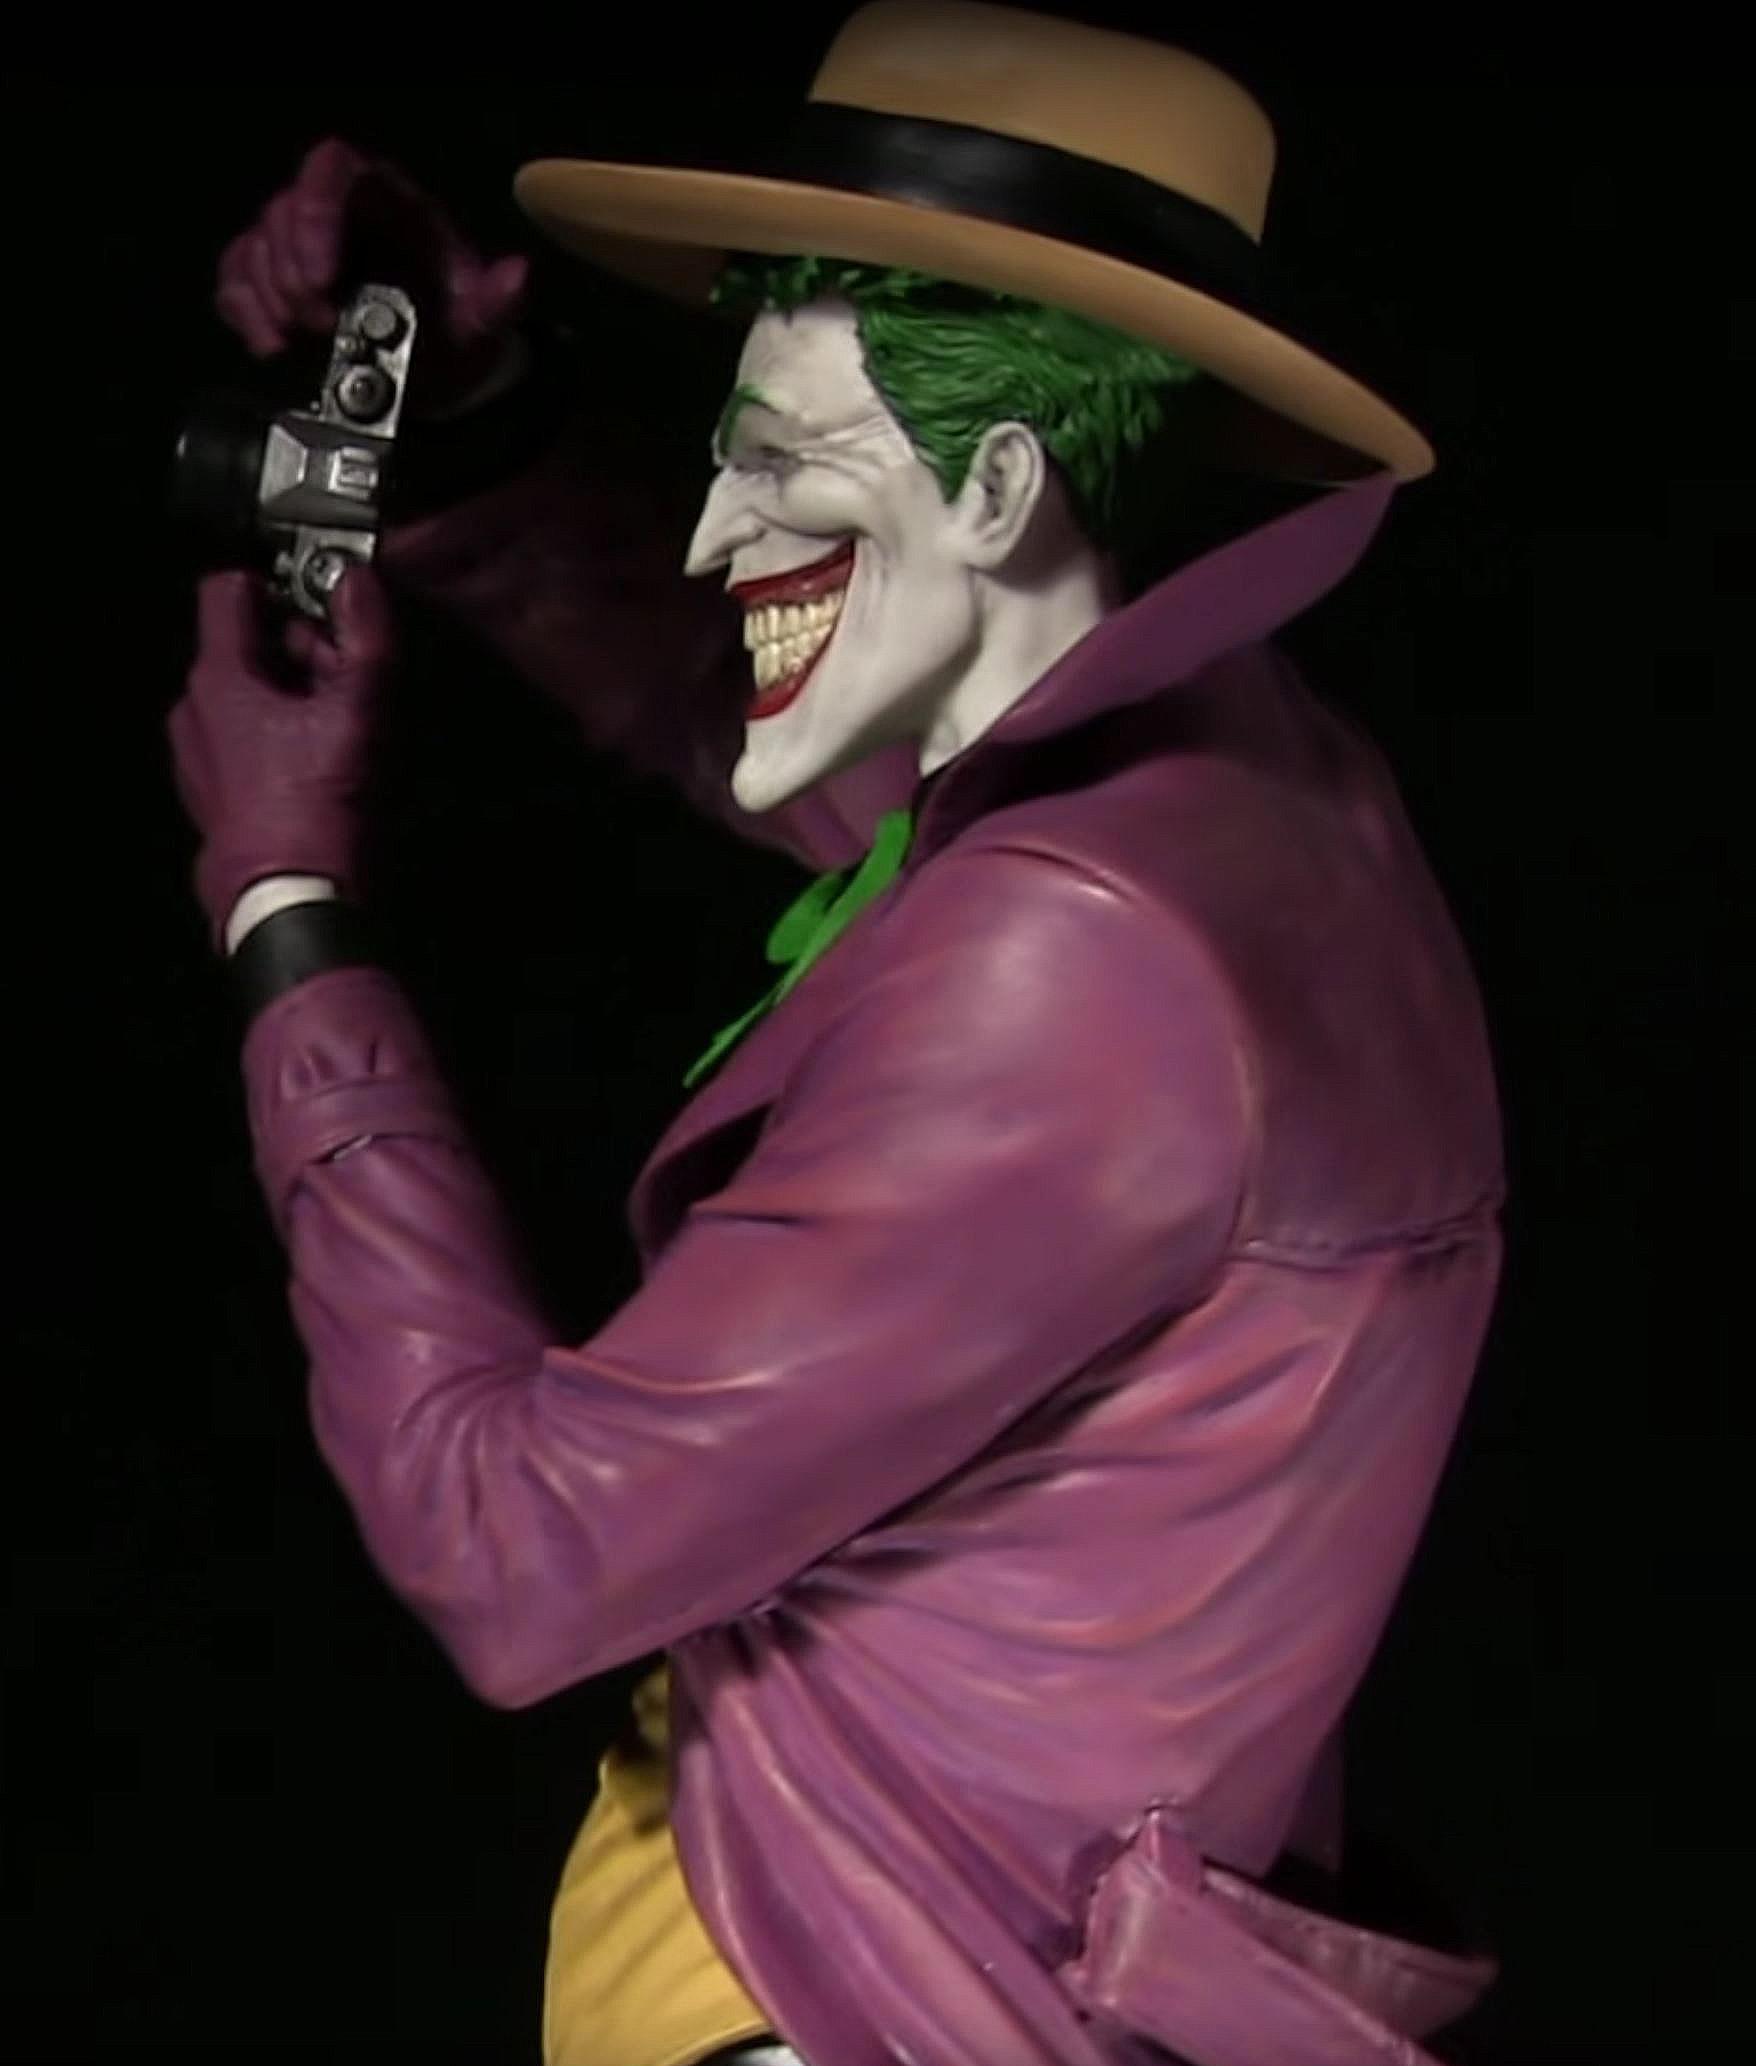 David giraud joker 5